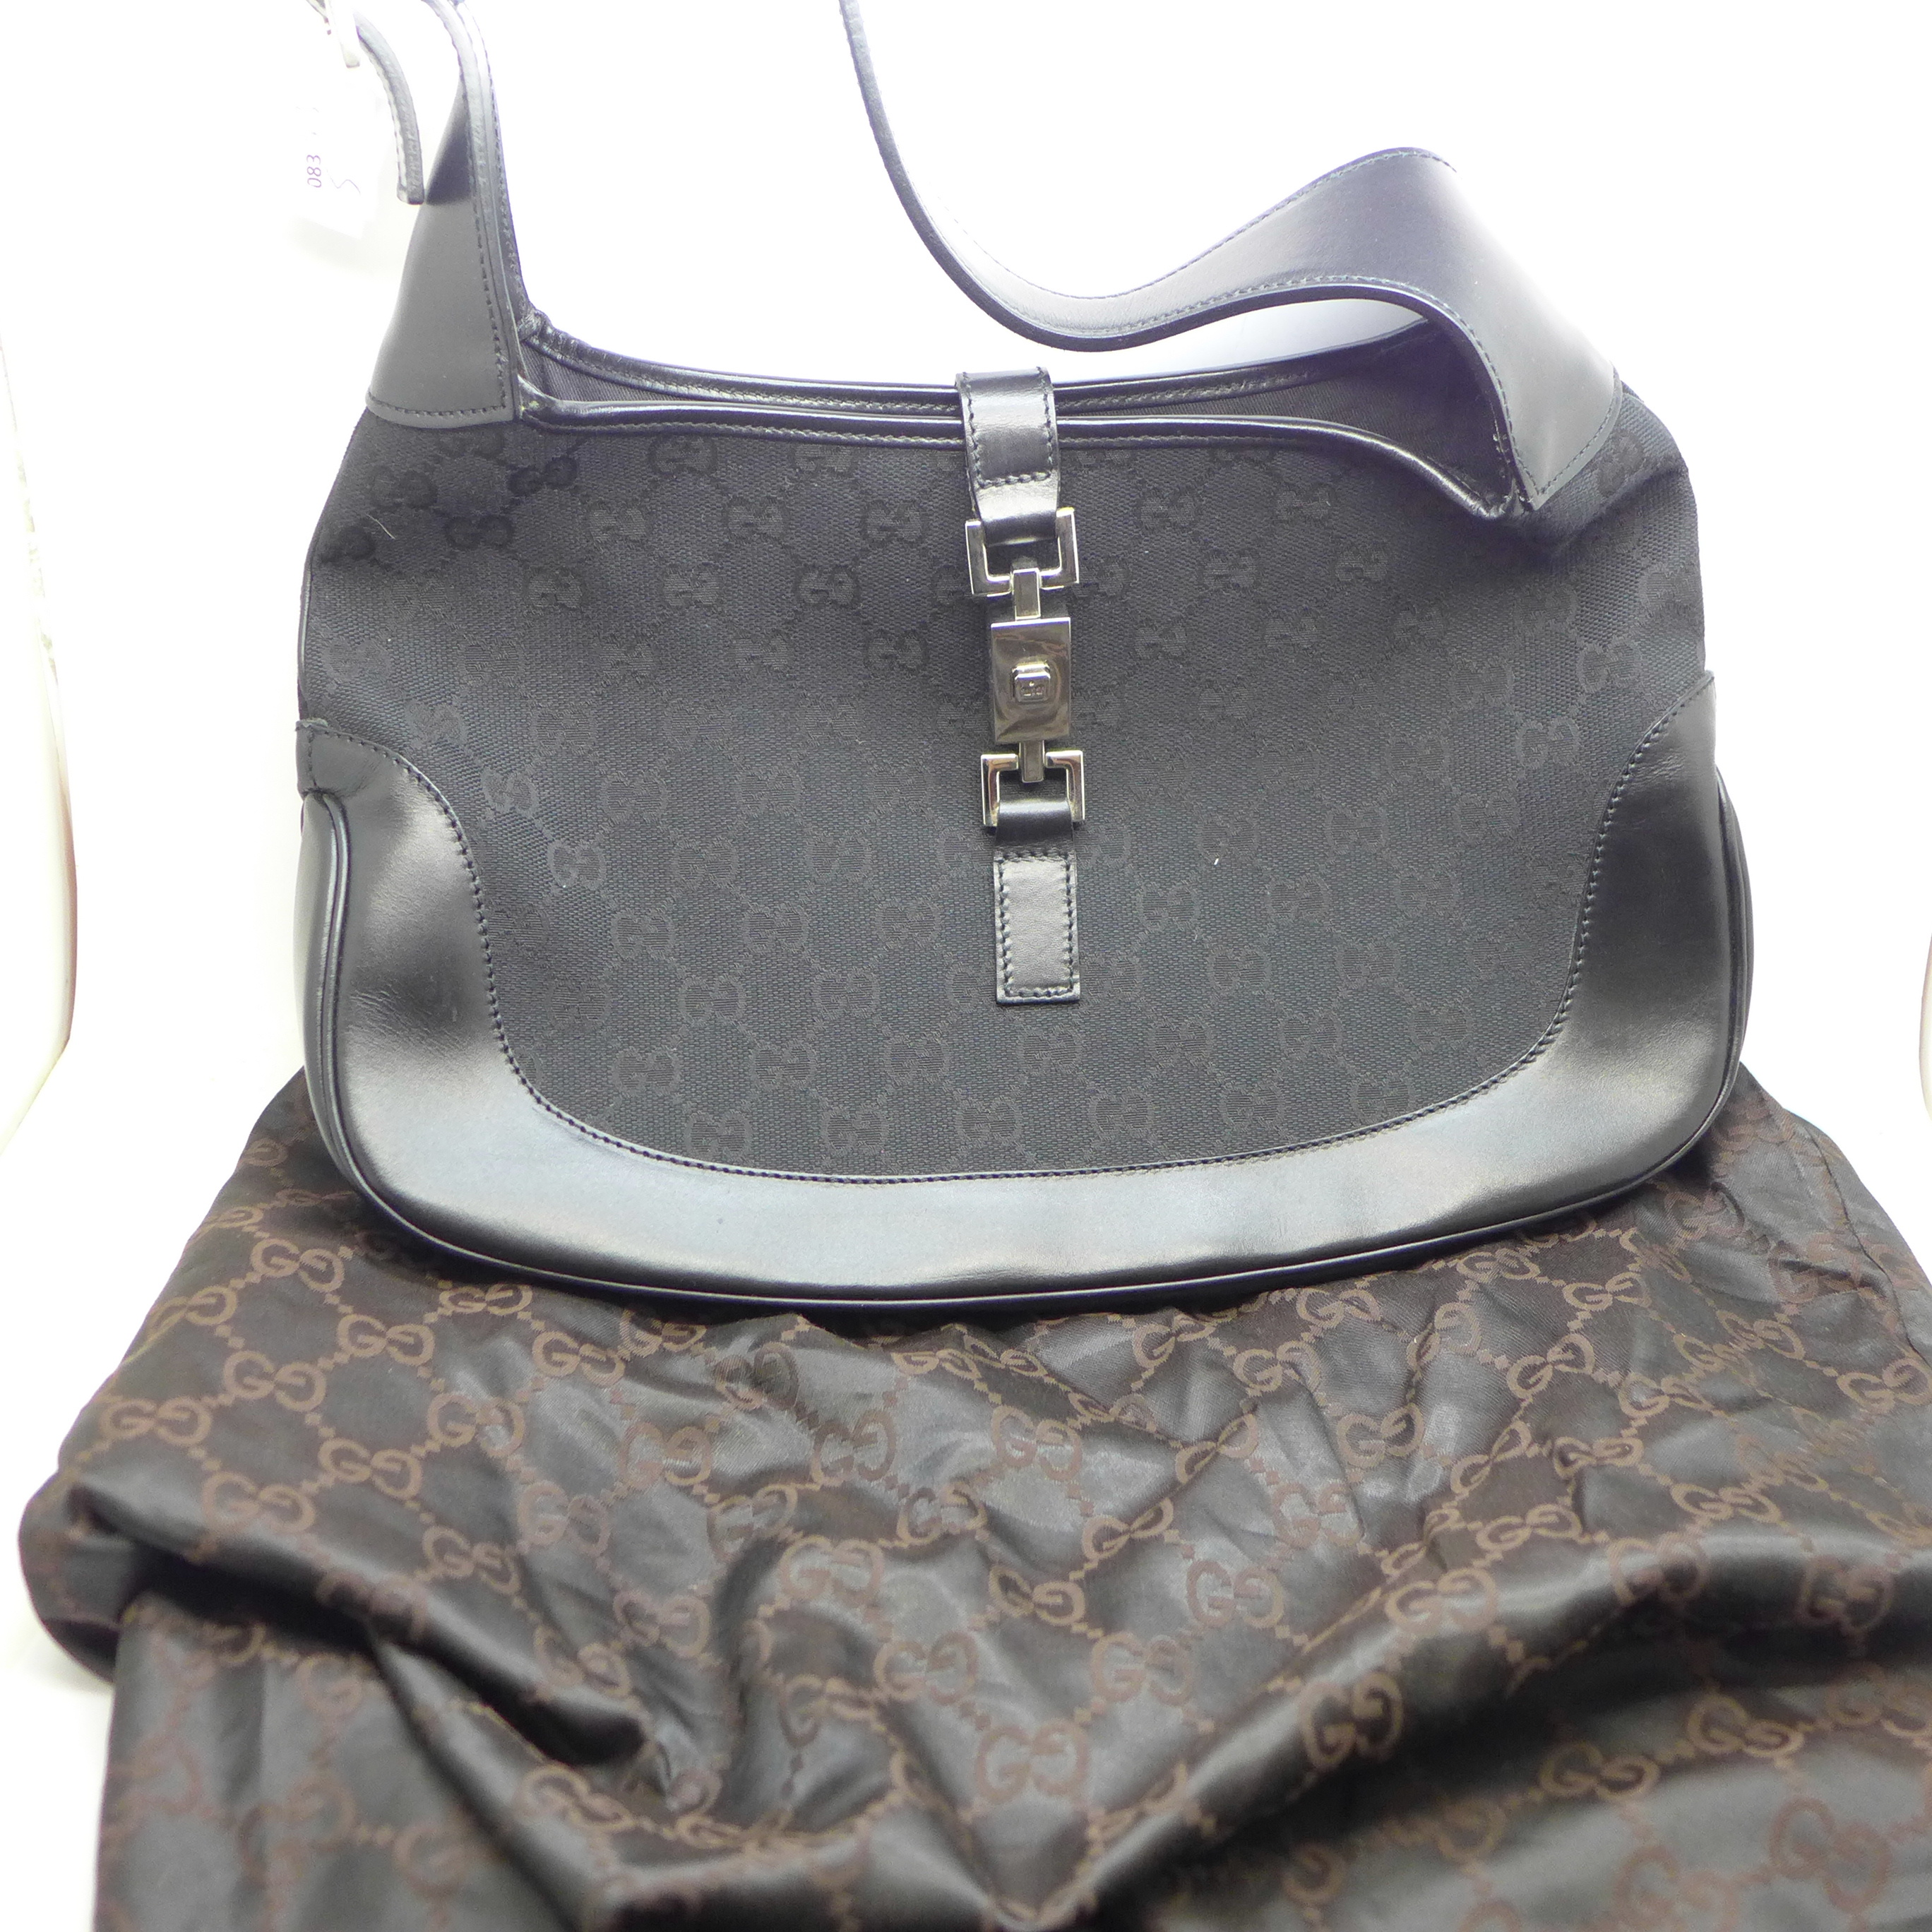 A lady's Gucci handbag